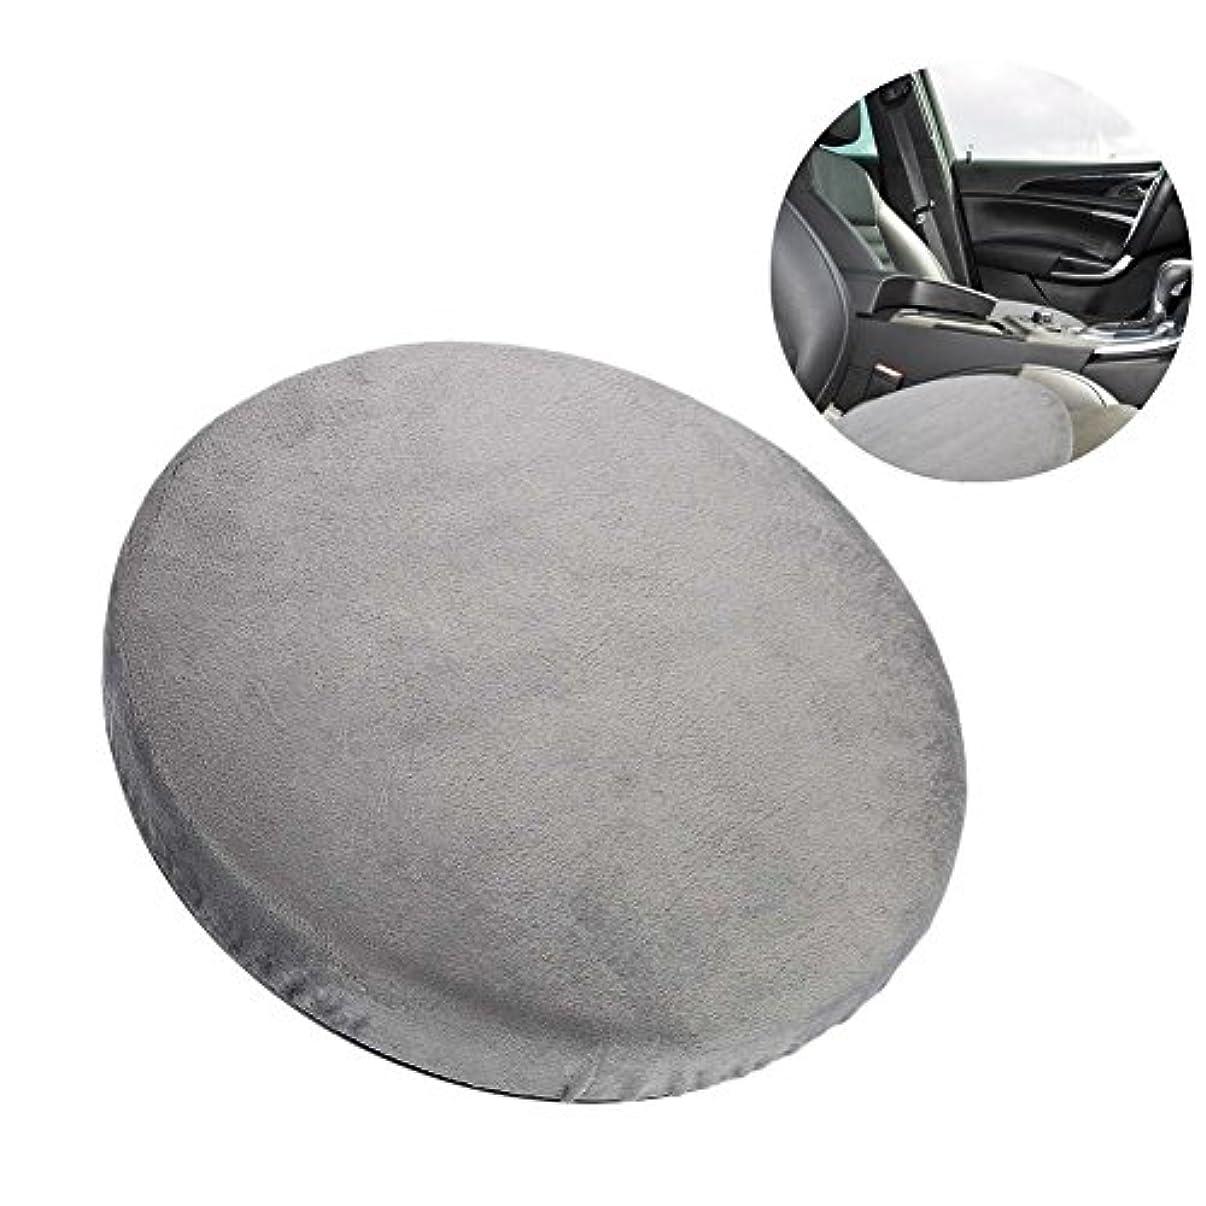 抜け目のない六分儀カウントアップの座席クッション、360°回転クッション車のオフィスおよび家の使用のための滑り止めの回転イスのパッドは腰痛および圧力を取り除く